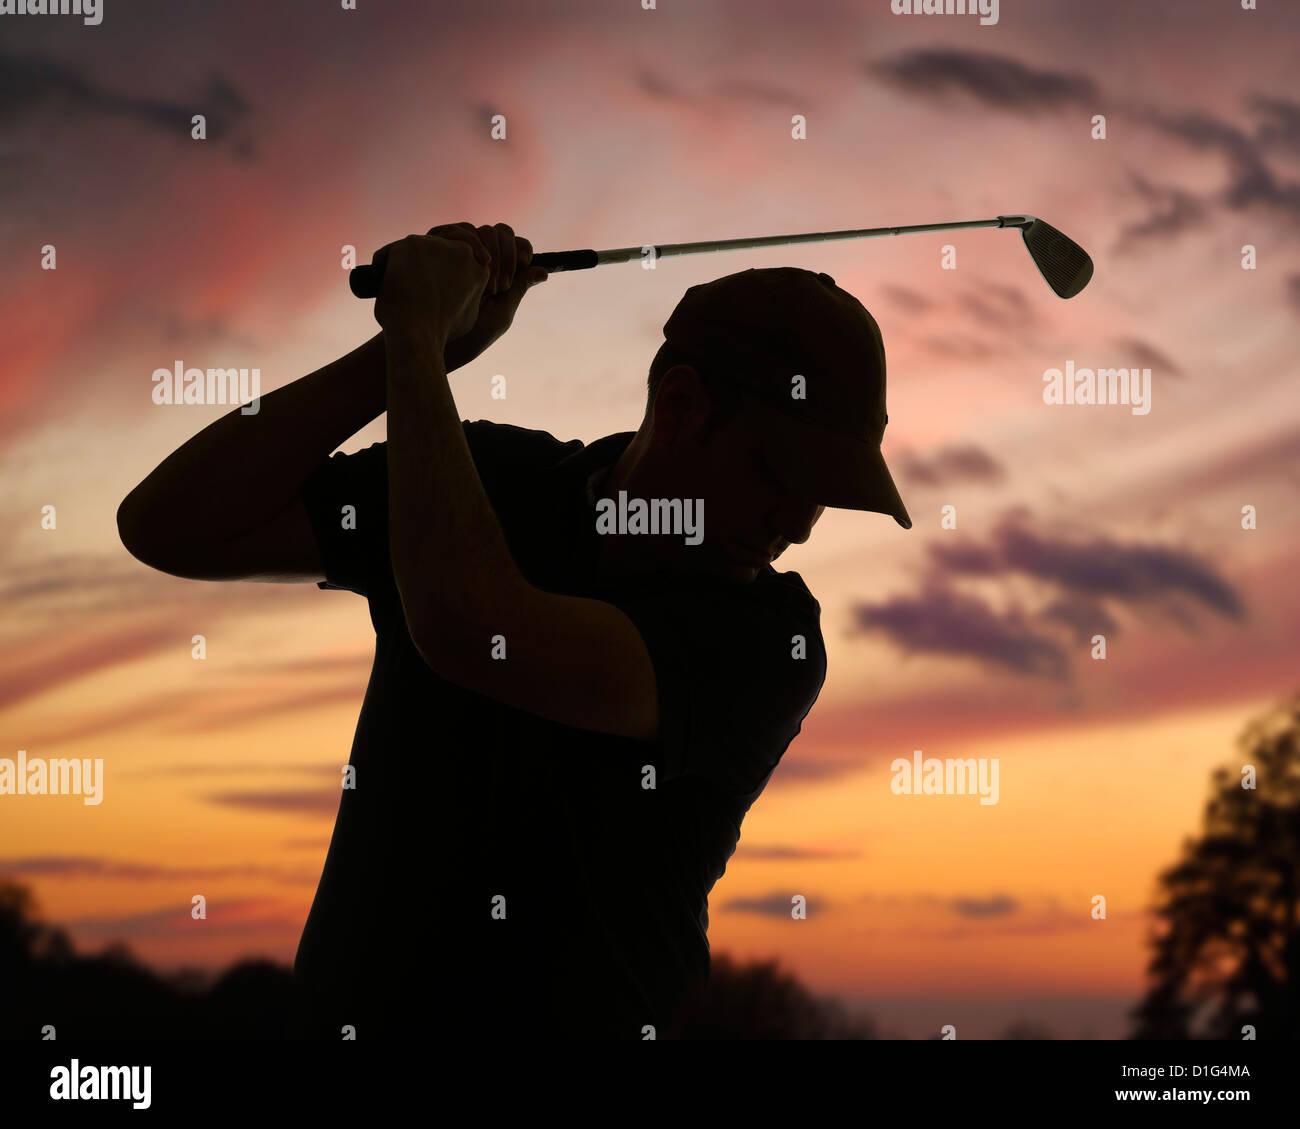 Golfista pegándole a una pelota de golf siluetas contra un cielo del anochecer. Cerca. Imagen De Stock